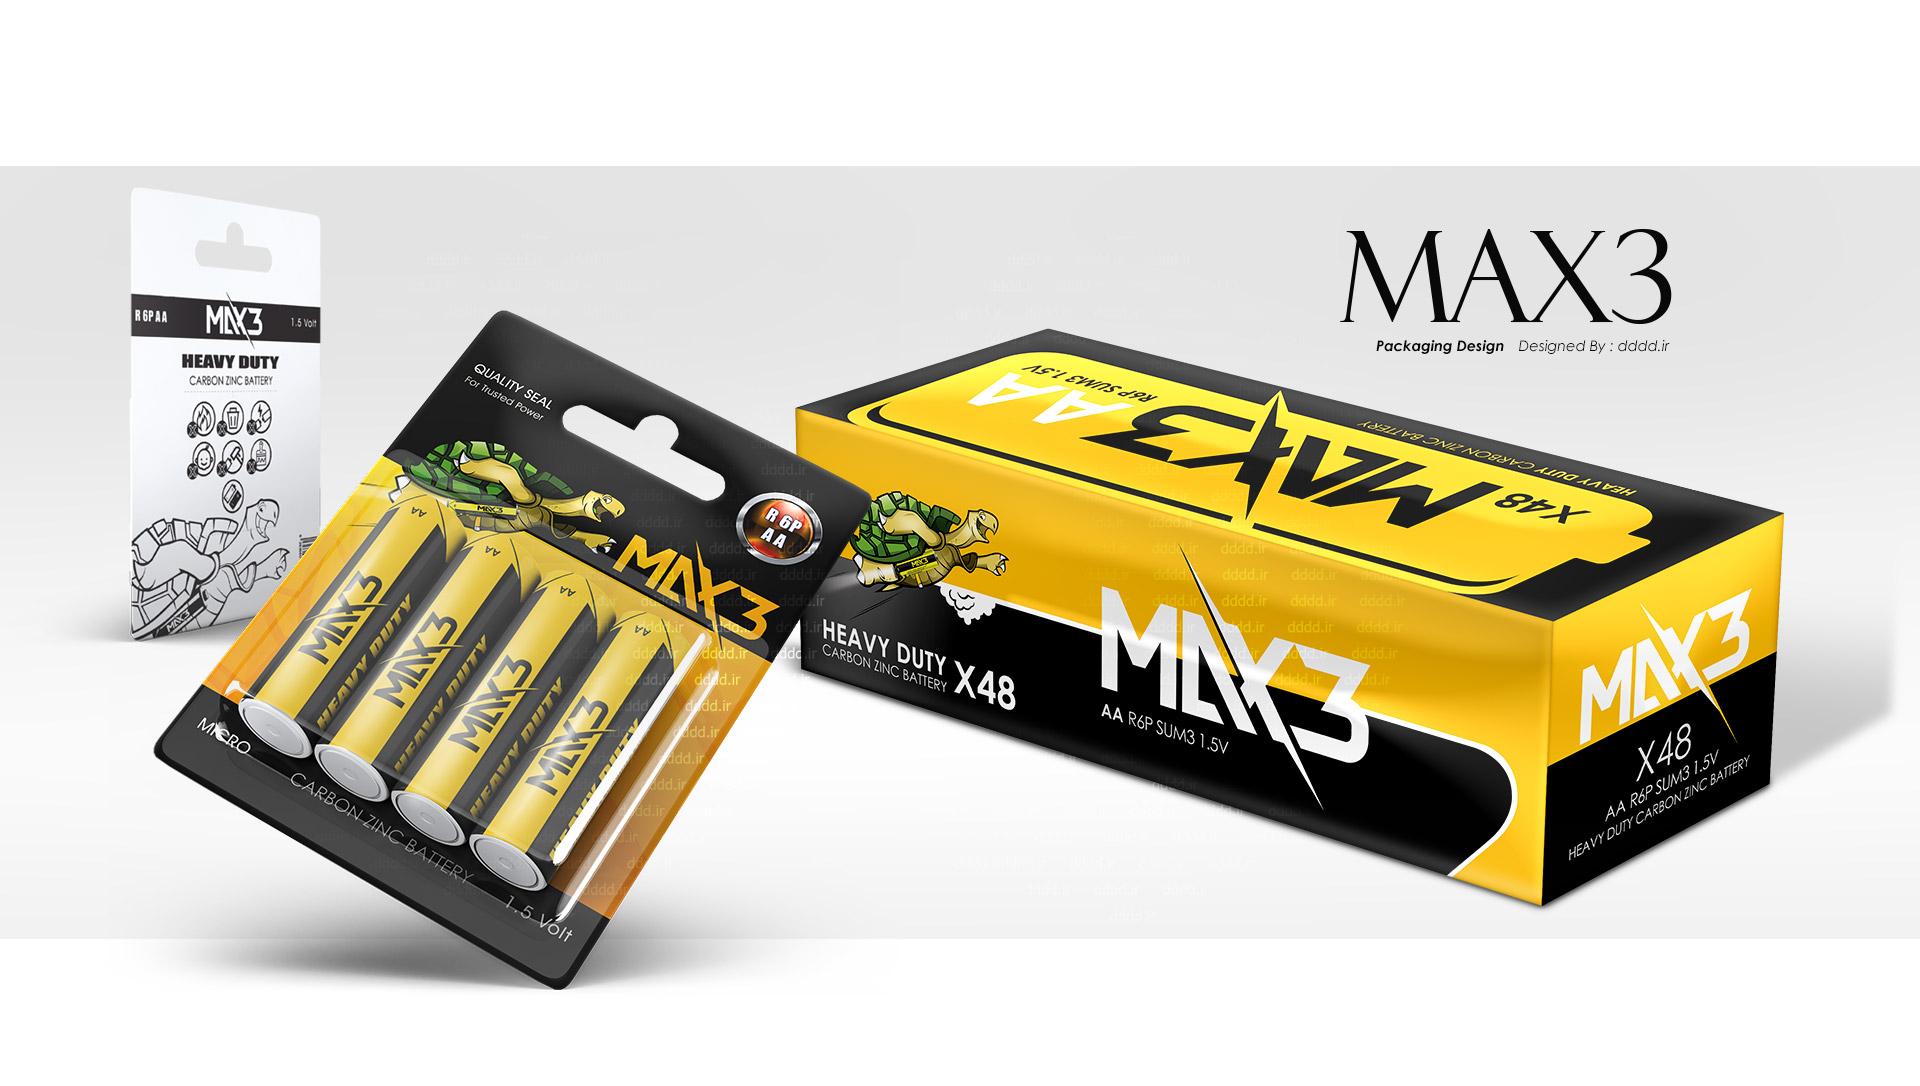 طراحی لیبل و بسته بندی های باتری مکس 3 (Max3)